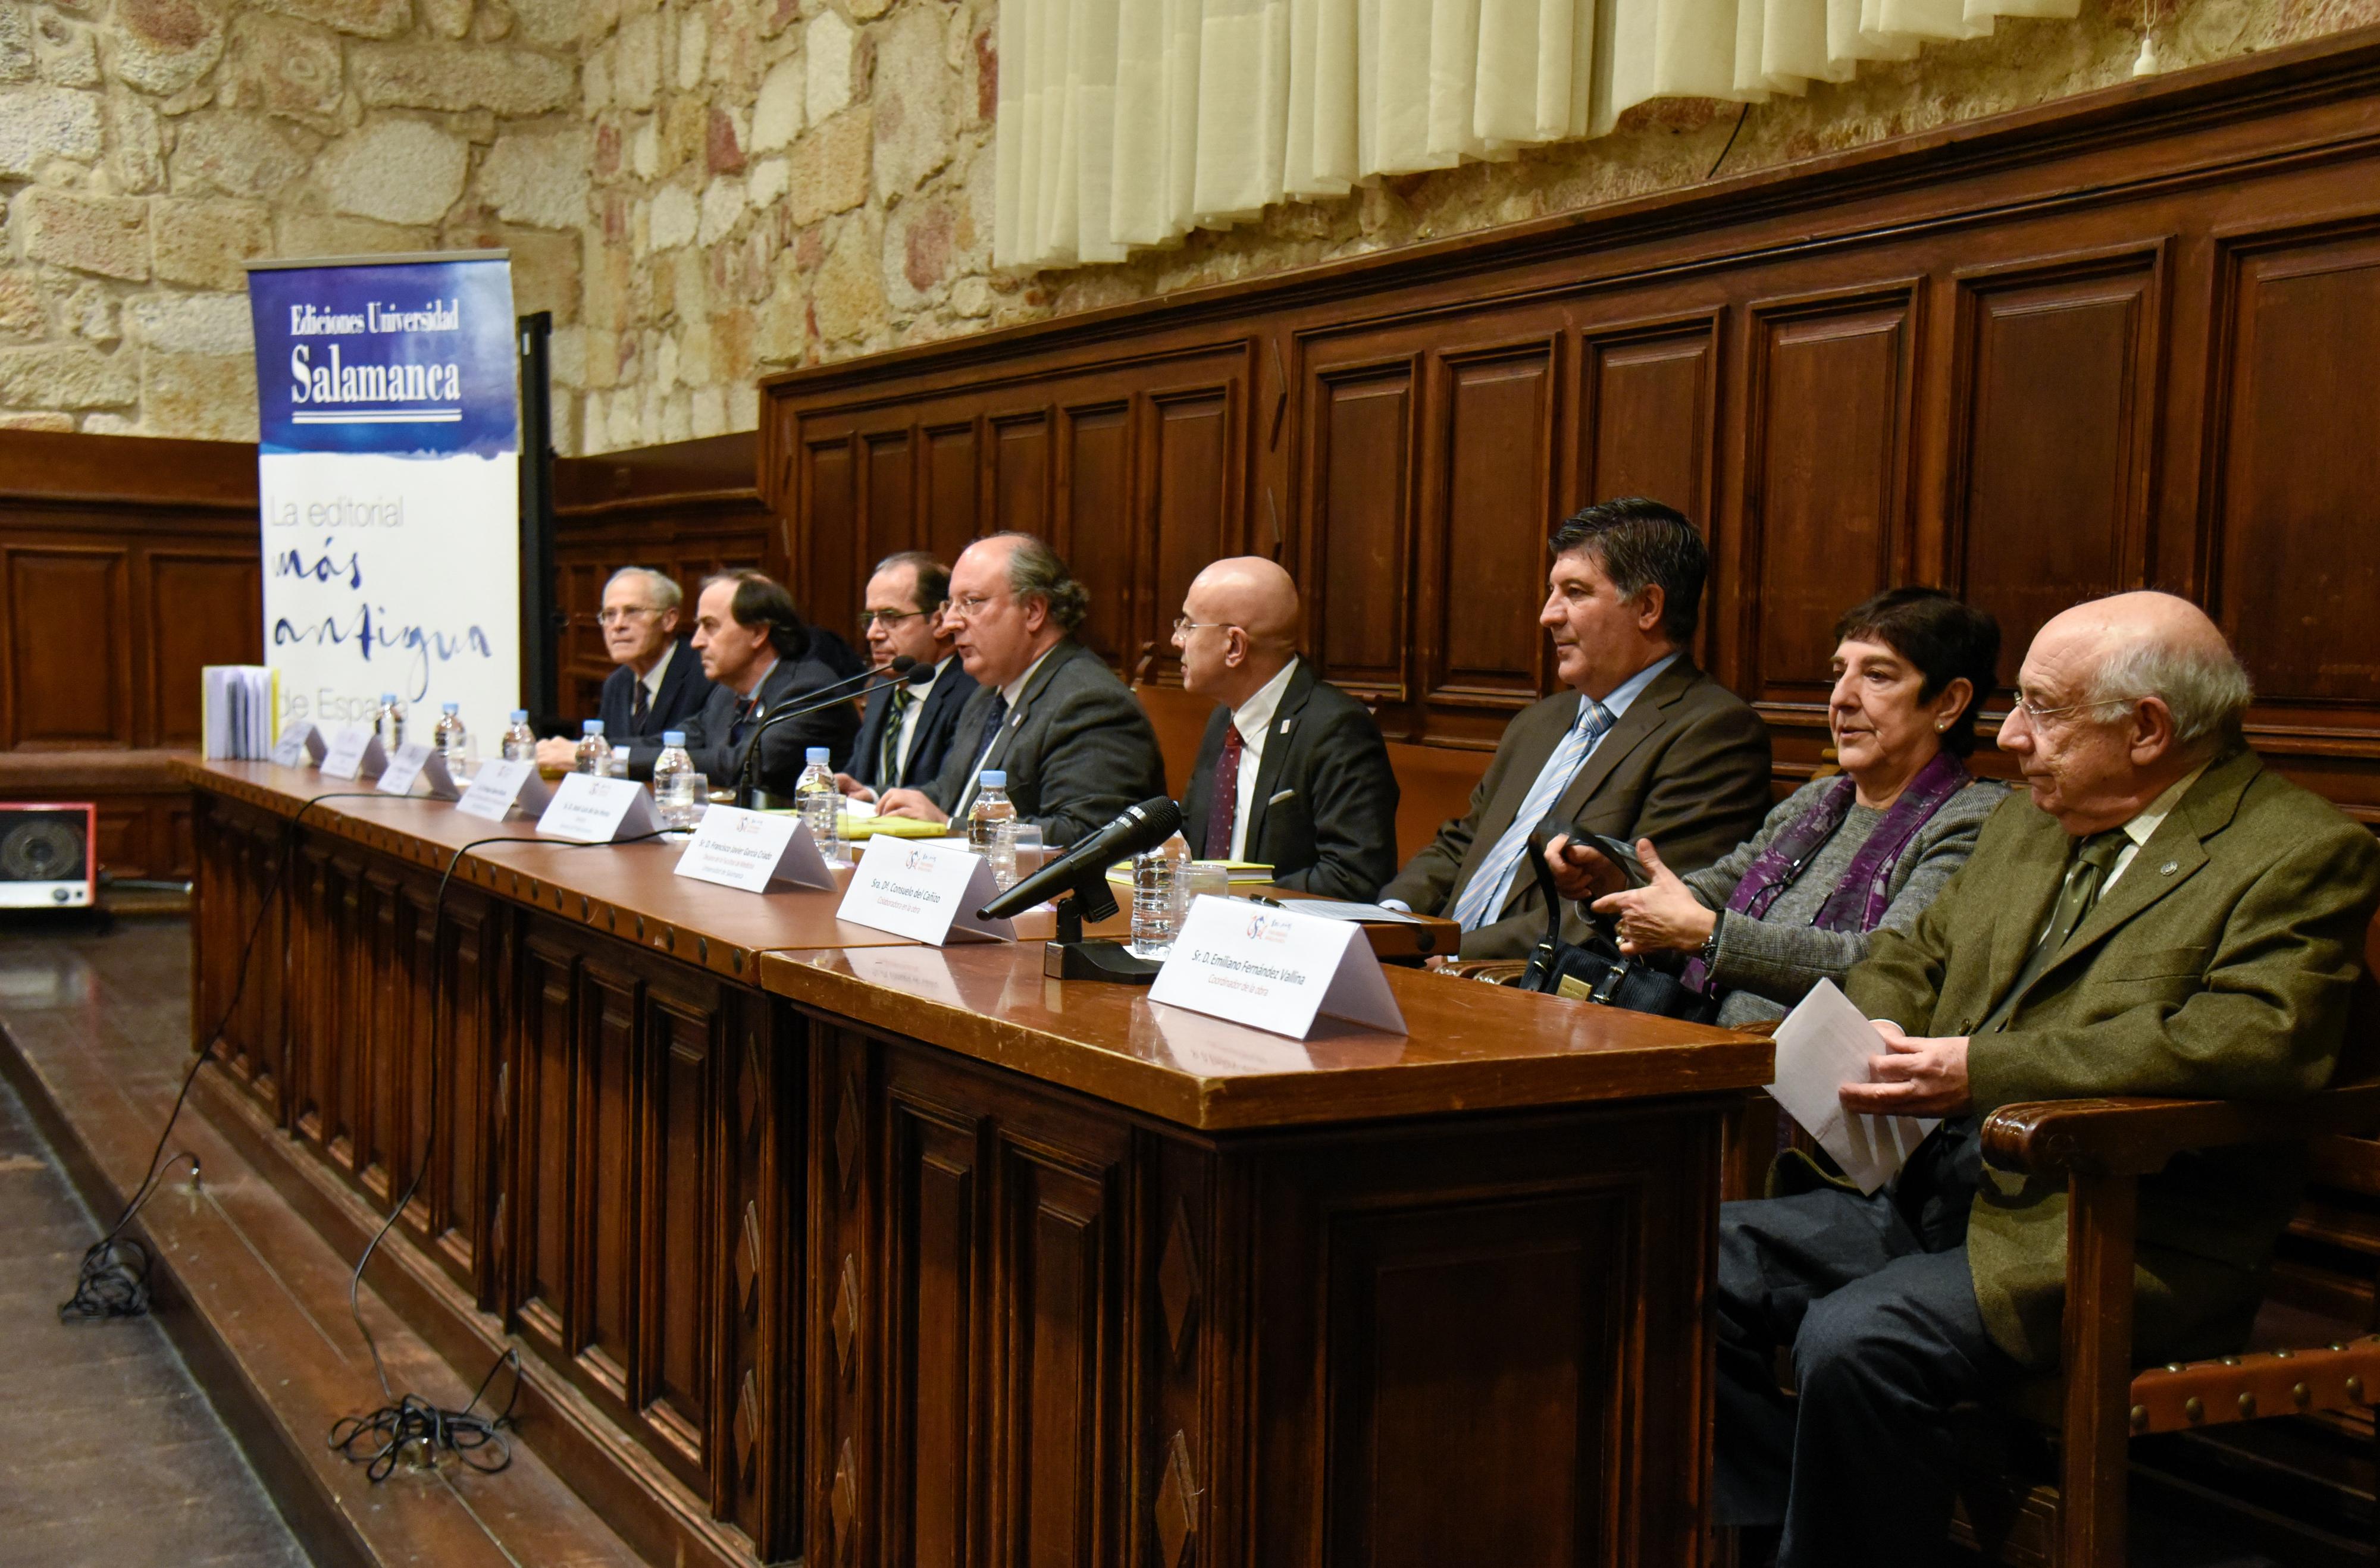 La Junta de Capilla de la Universidad de Salamanca publica un libro en homenaje al médico, profesor y sacerdote Agustín Ríos González